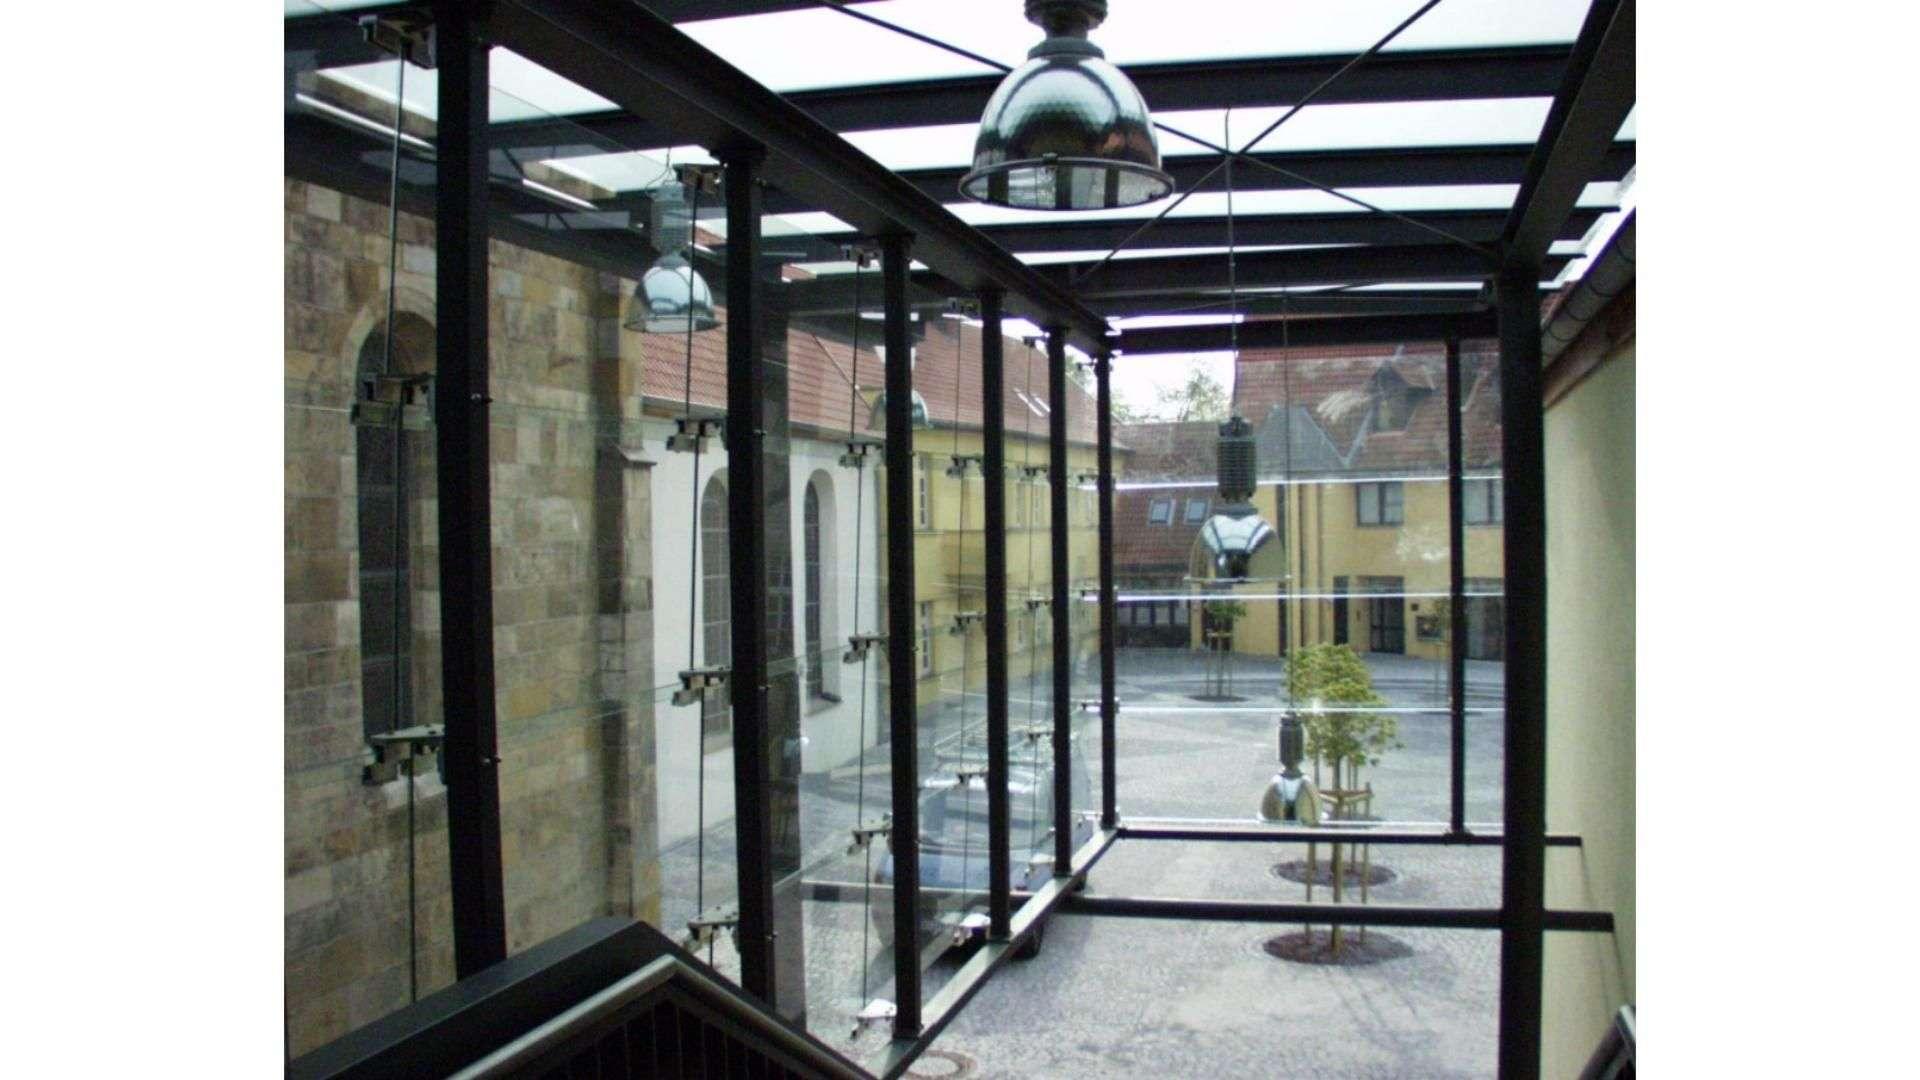 verglaster Eingang zu einem Parkhaus